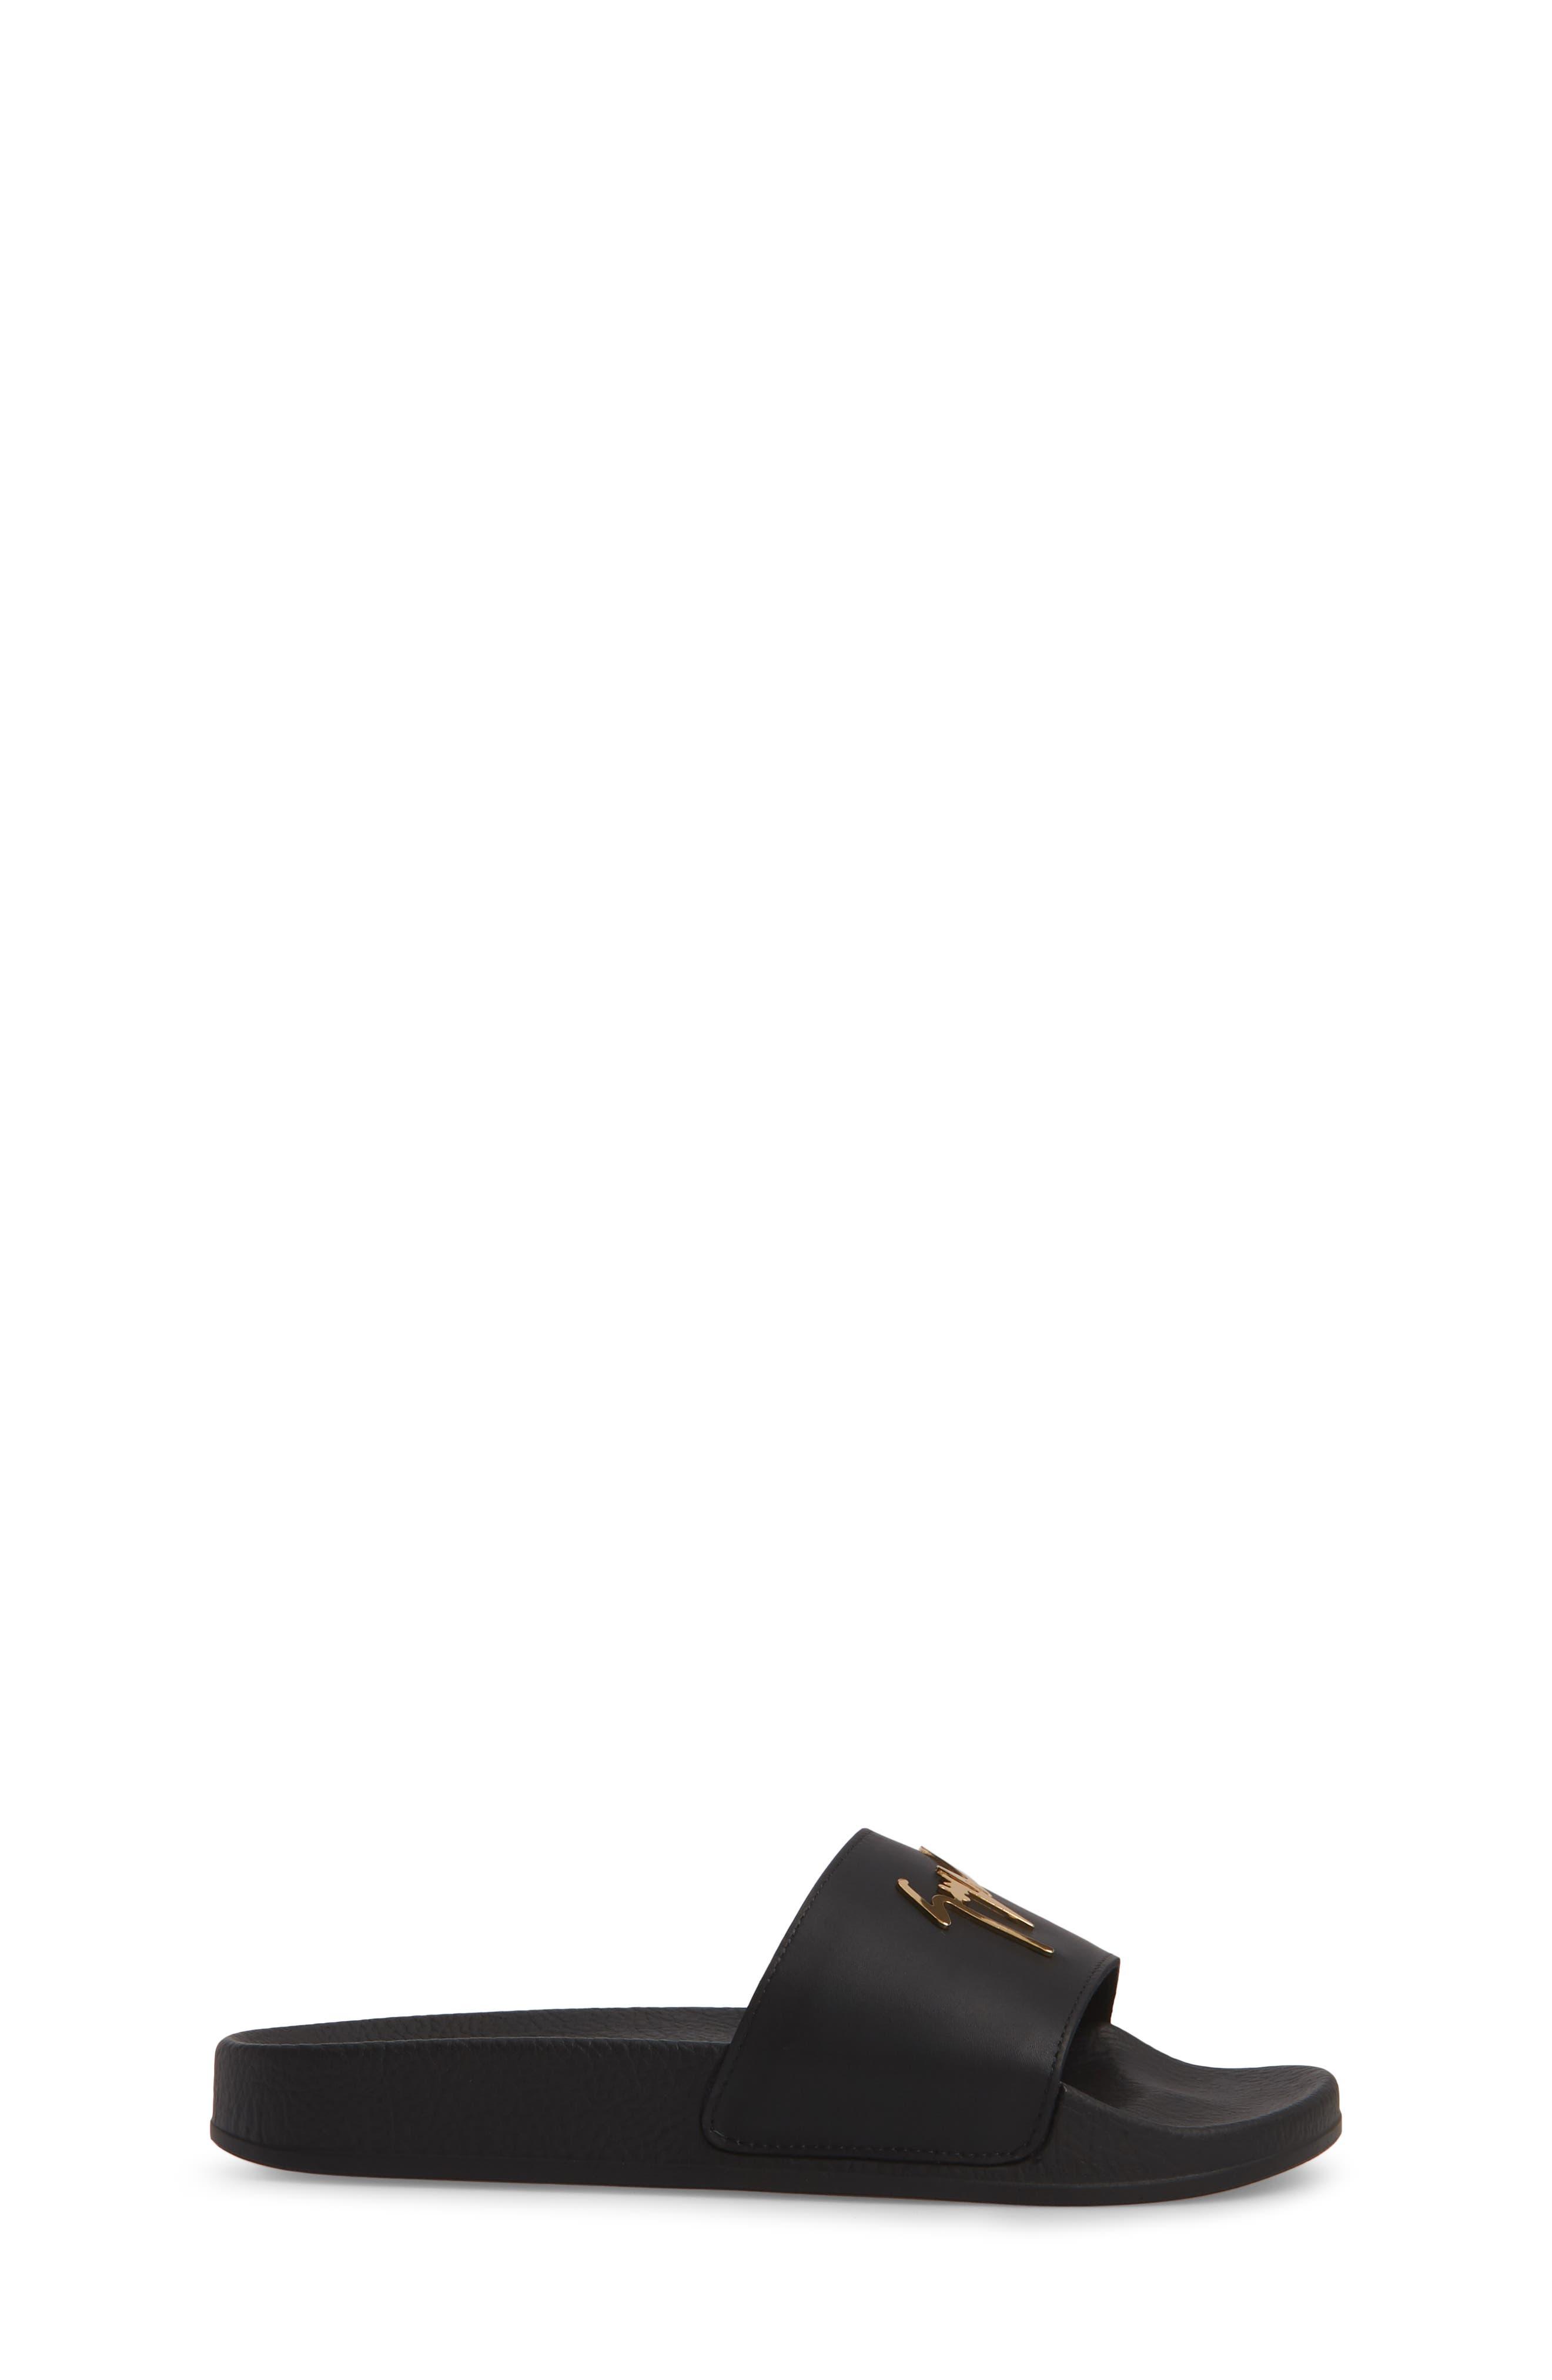 Birel Slide Sandal,                             Alternate thumbnail 3, color,                             001